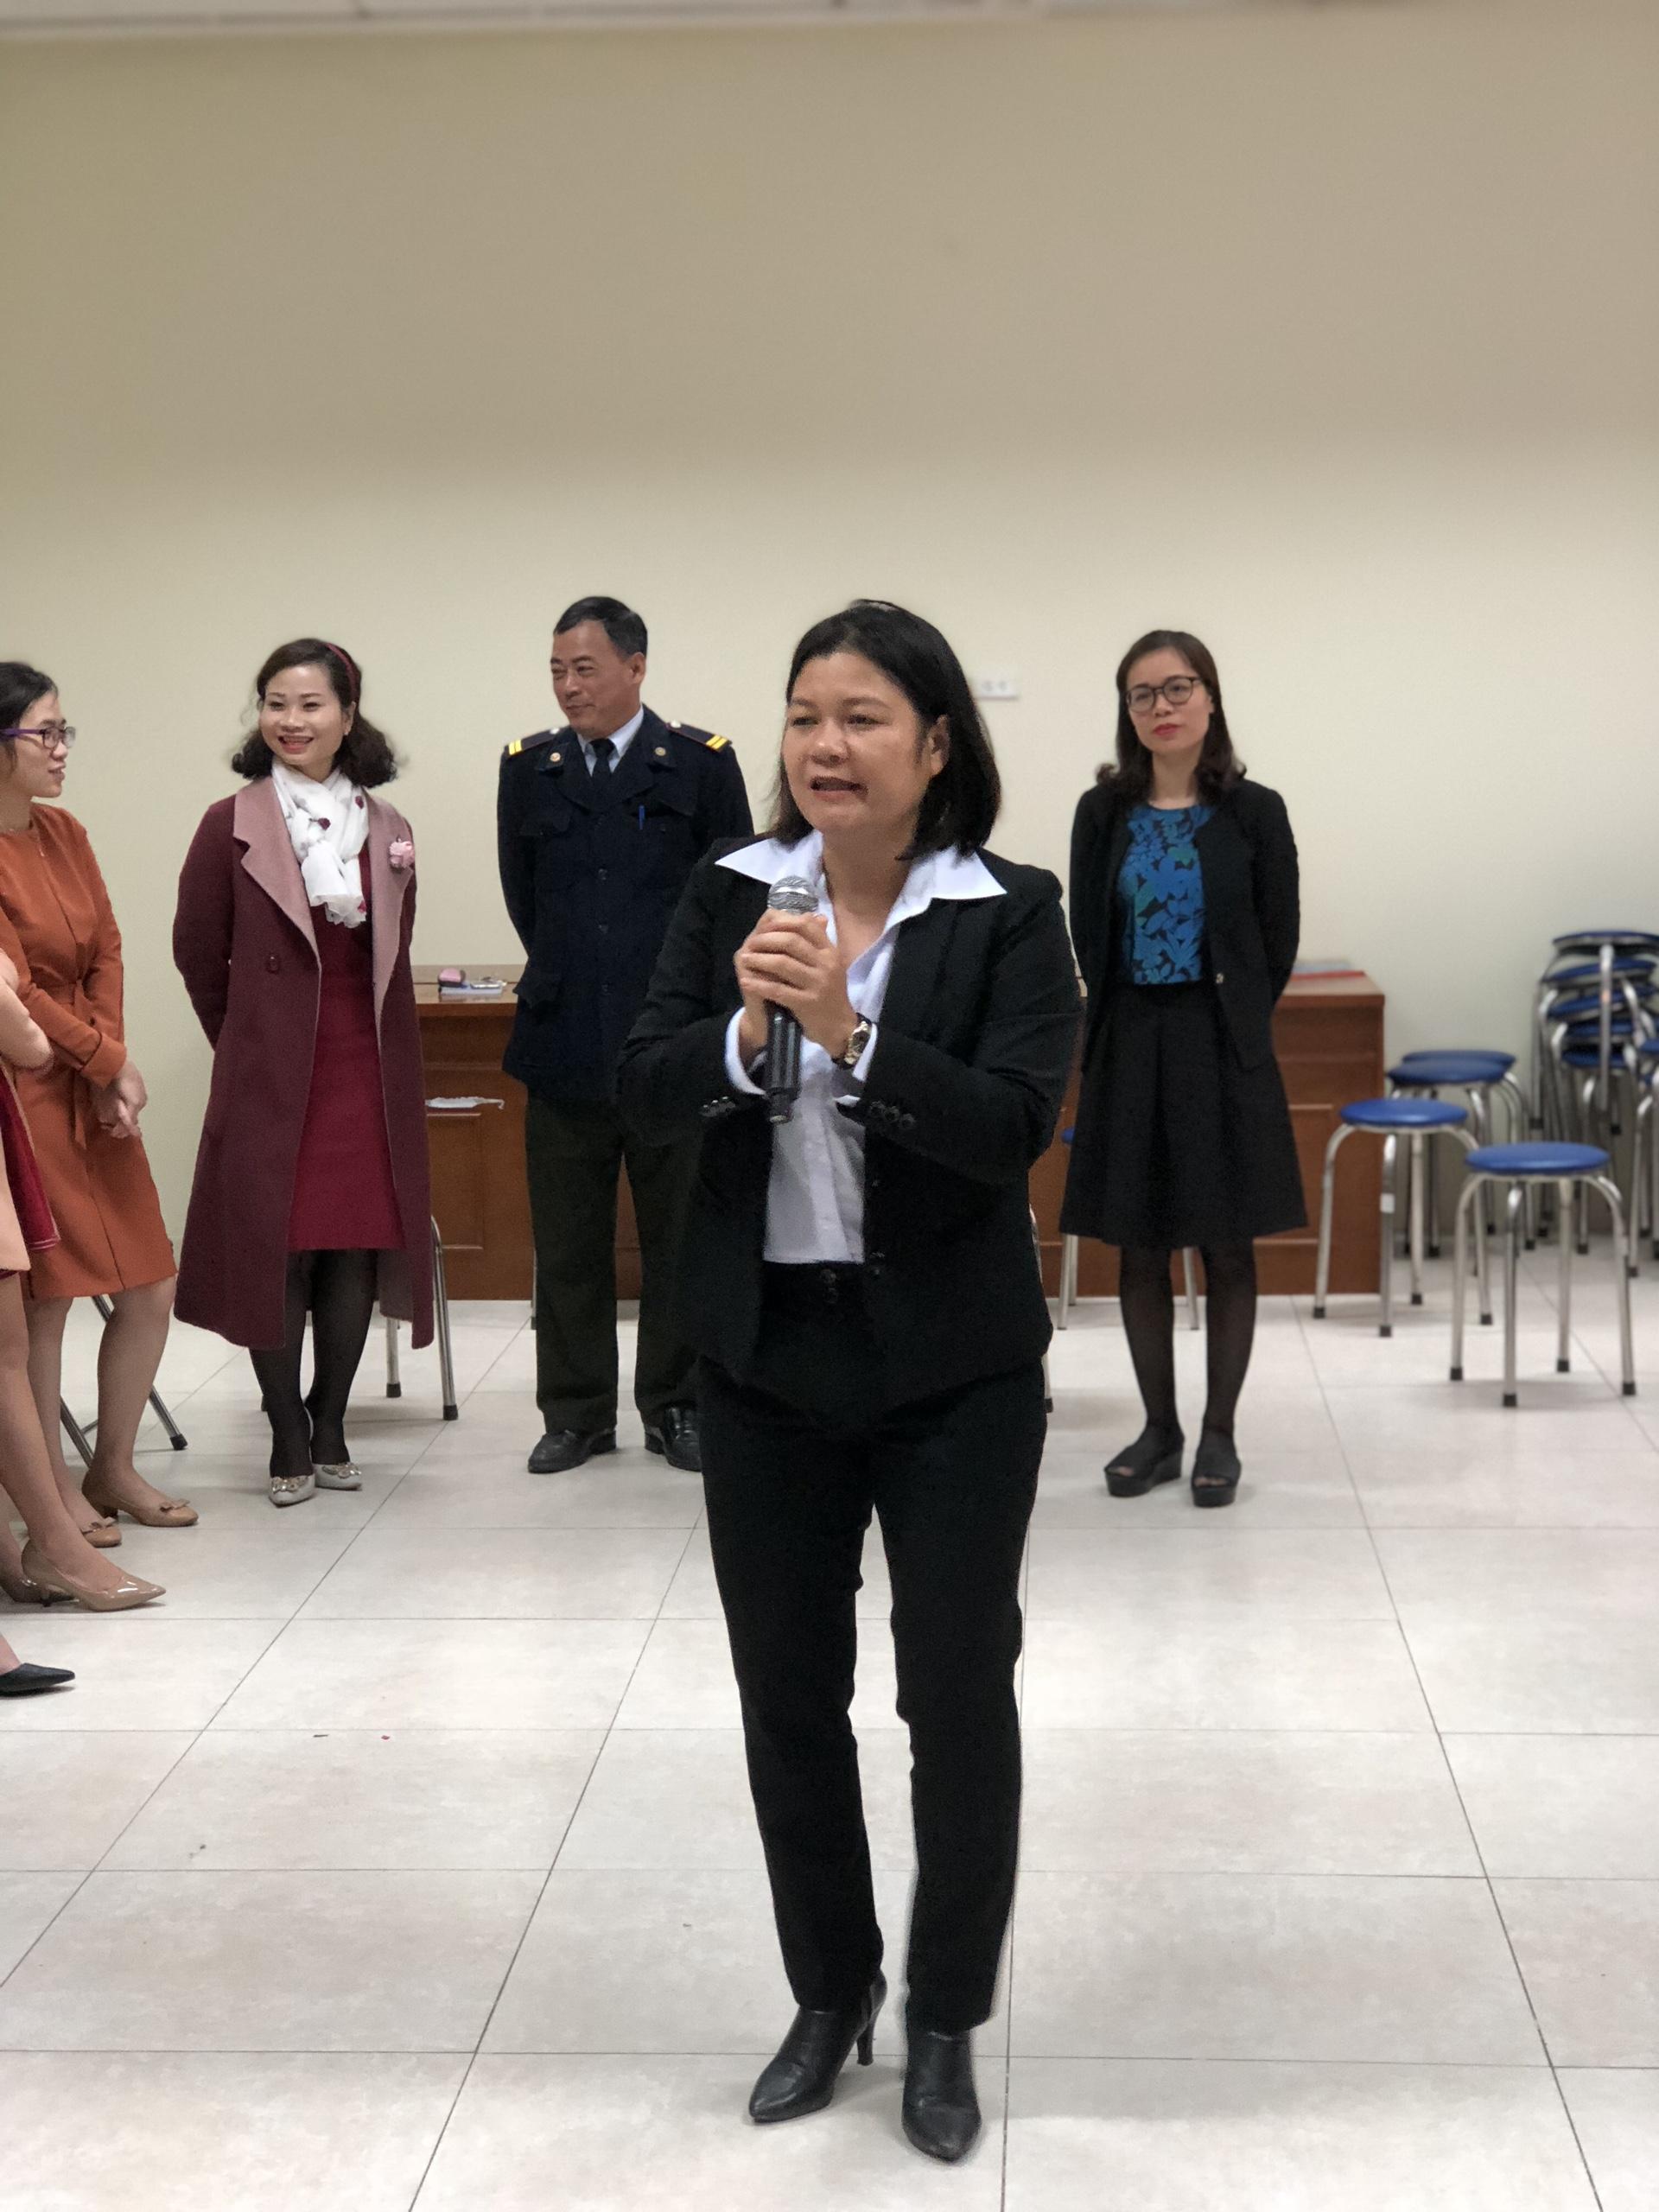 ThS Trần Thị Tuyết Mai trong buổi Toạ đàm - Tập huấn tại Hệ thống Giáo dục CGD Victory